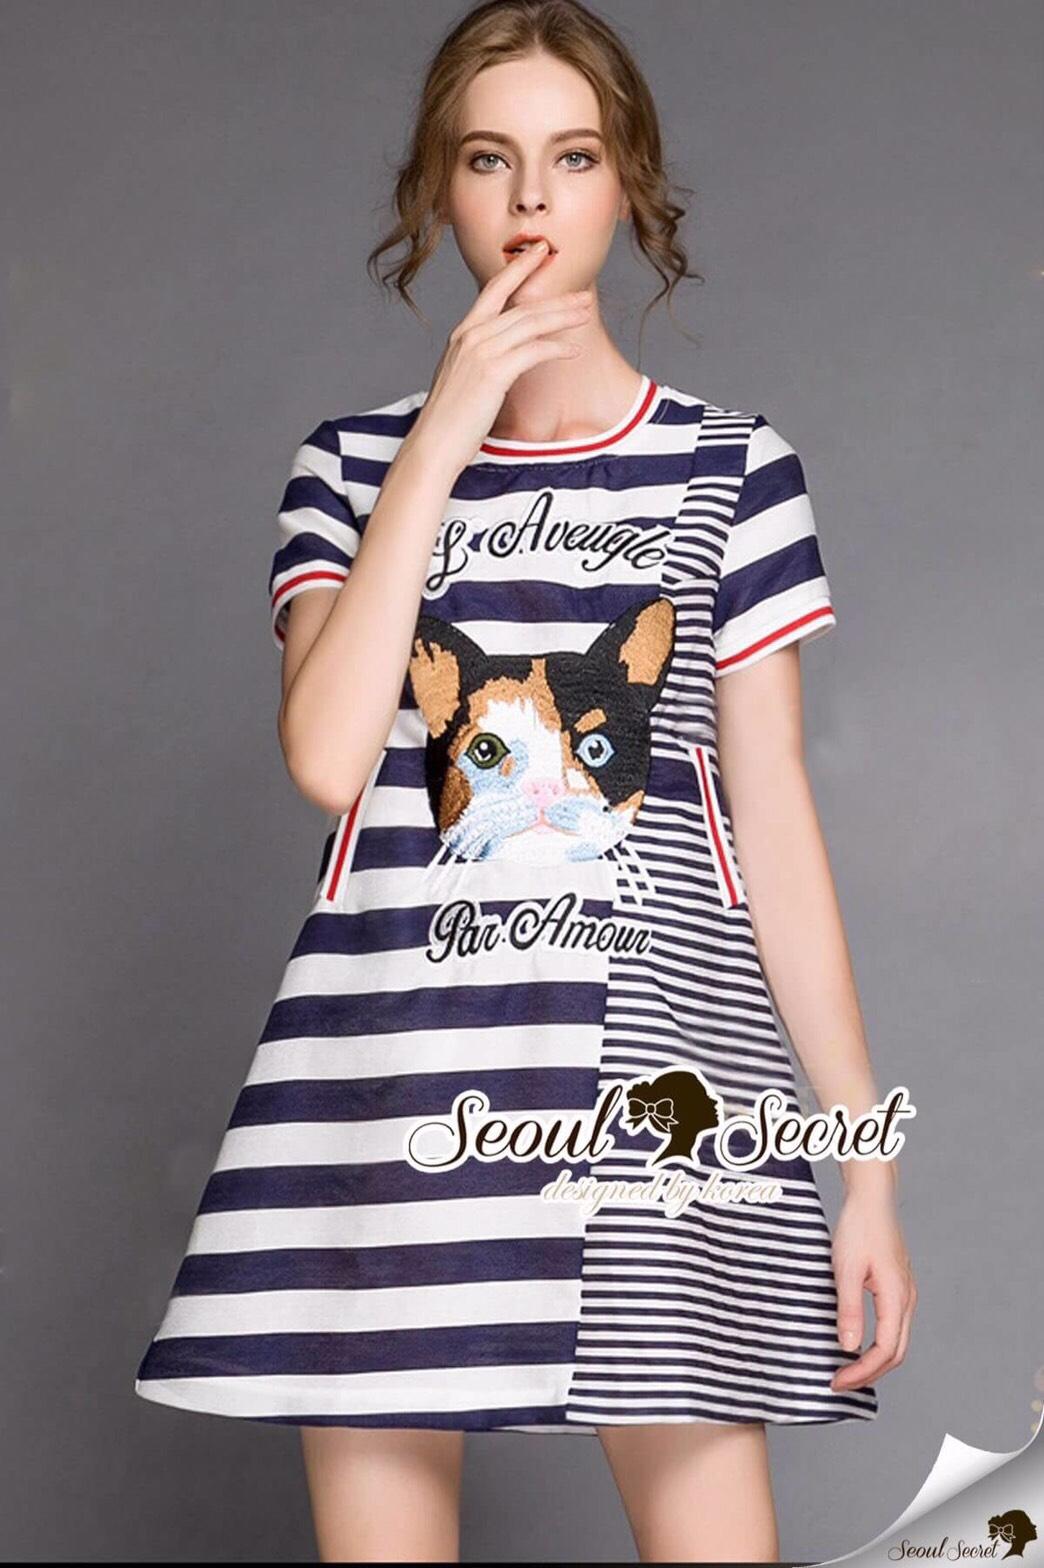 Seoul Secret Say's .... Catty Cat Stripe Chic Dress Material : เดรสเก๋ๆ ใส่ง่ายๆ สไตล์คุณหนูๆ เก๋ๆ ด้วยงานพิมพ์ลายริ้ว เติมความน่ารักด้วยงานปักลายแมว มีดีเทลเก๋ๆ ด้วยงานแต่งด้วยลายริ้วสลับเป็นชั้นLayer